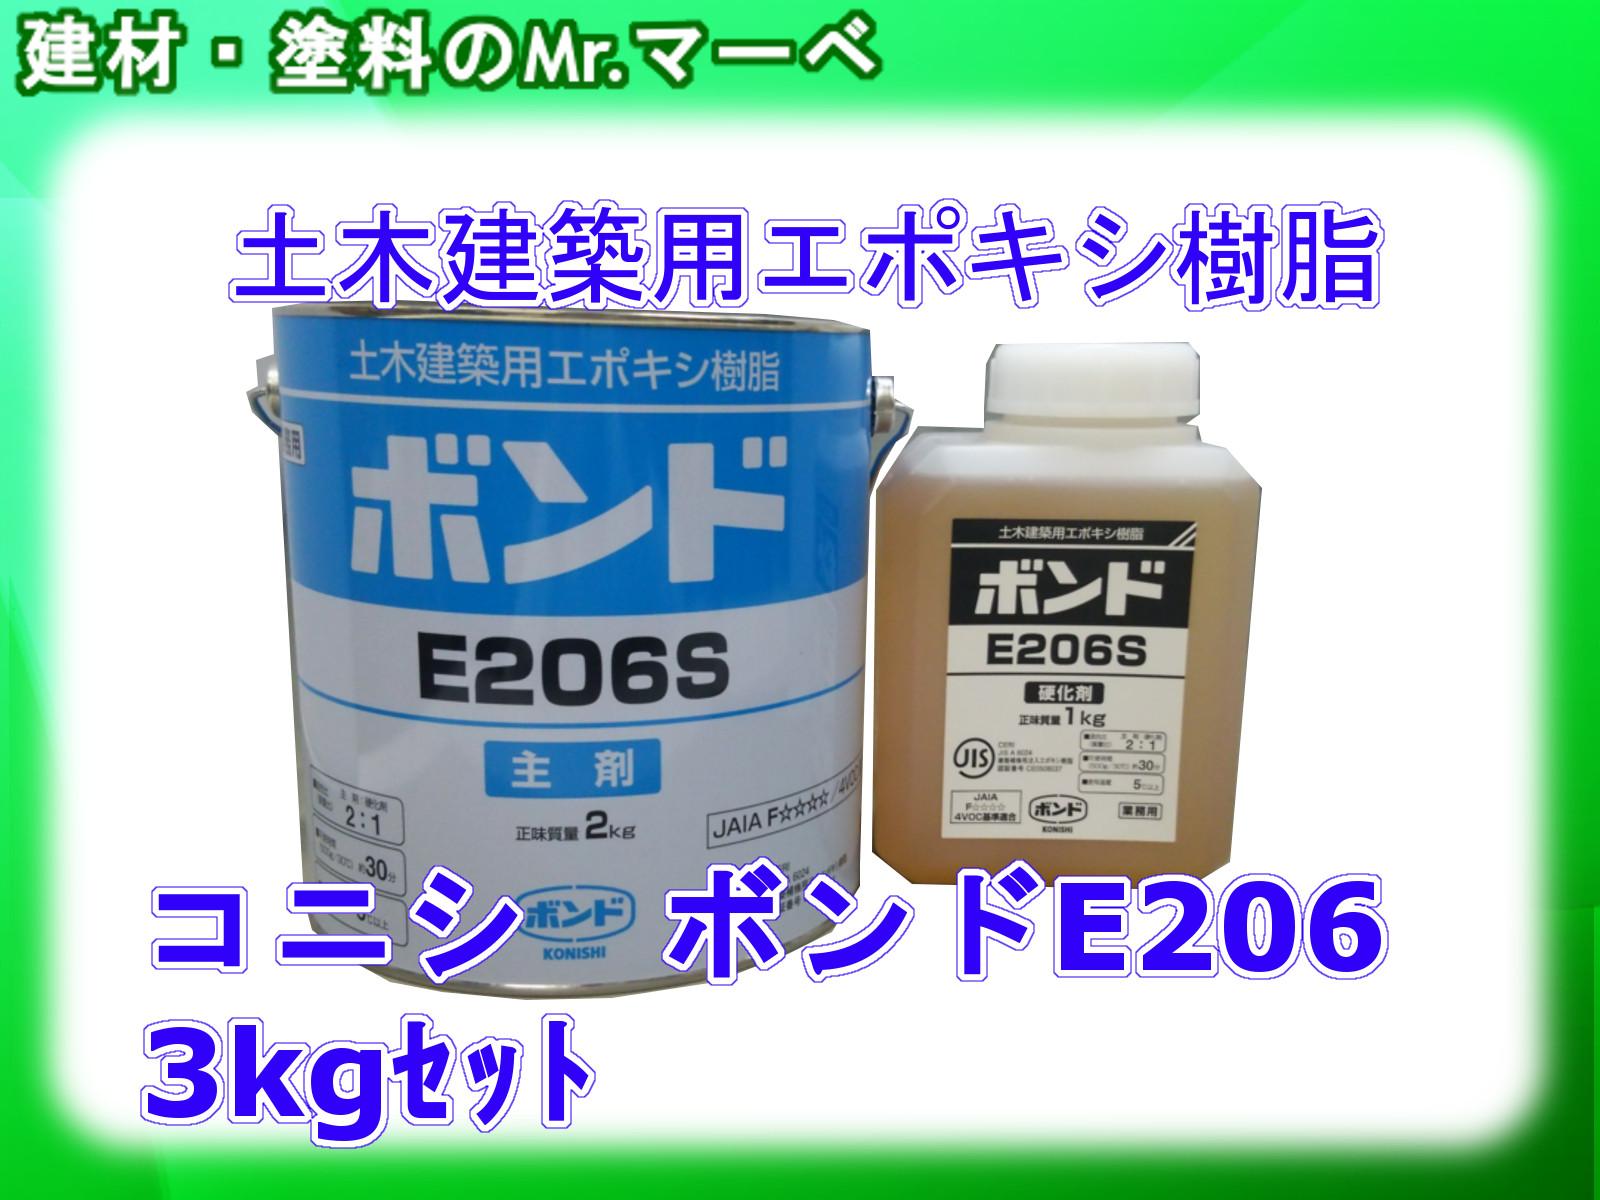 コニシ ボンドE206 3kg*4セット S/W